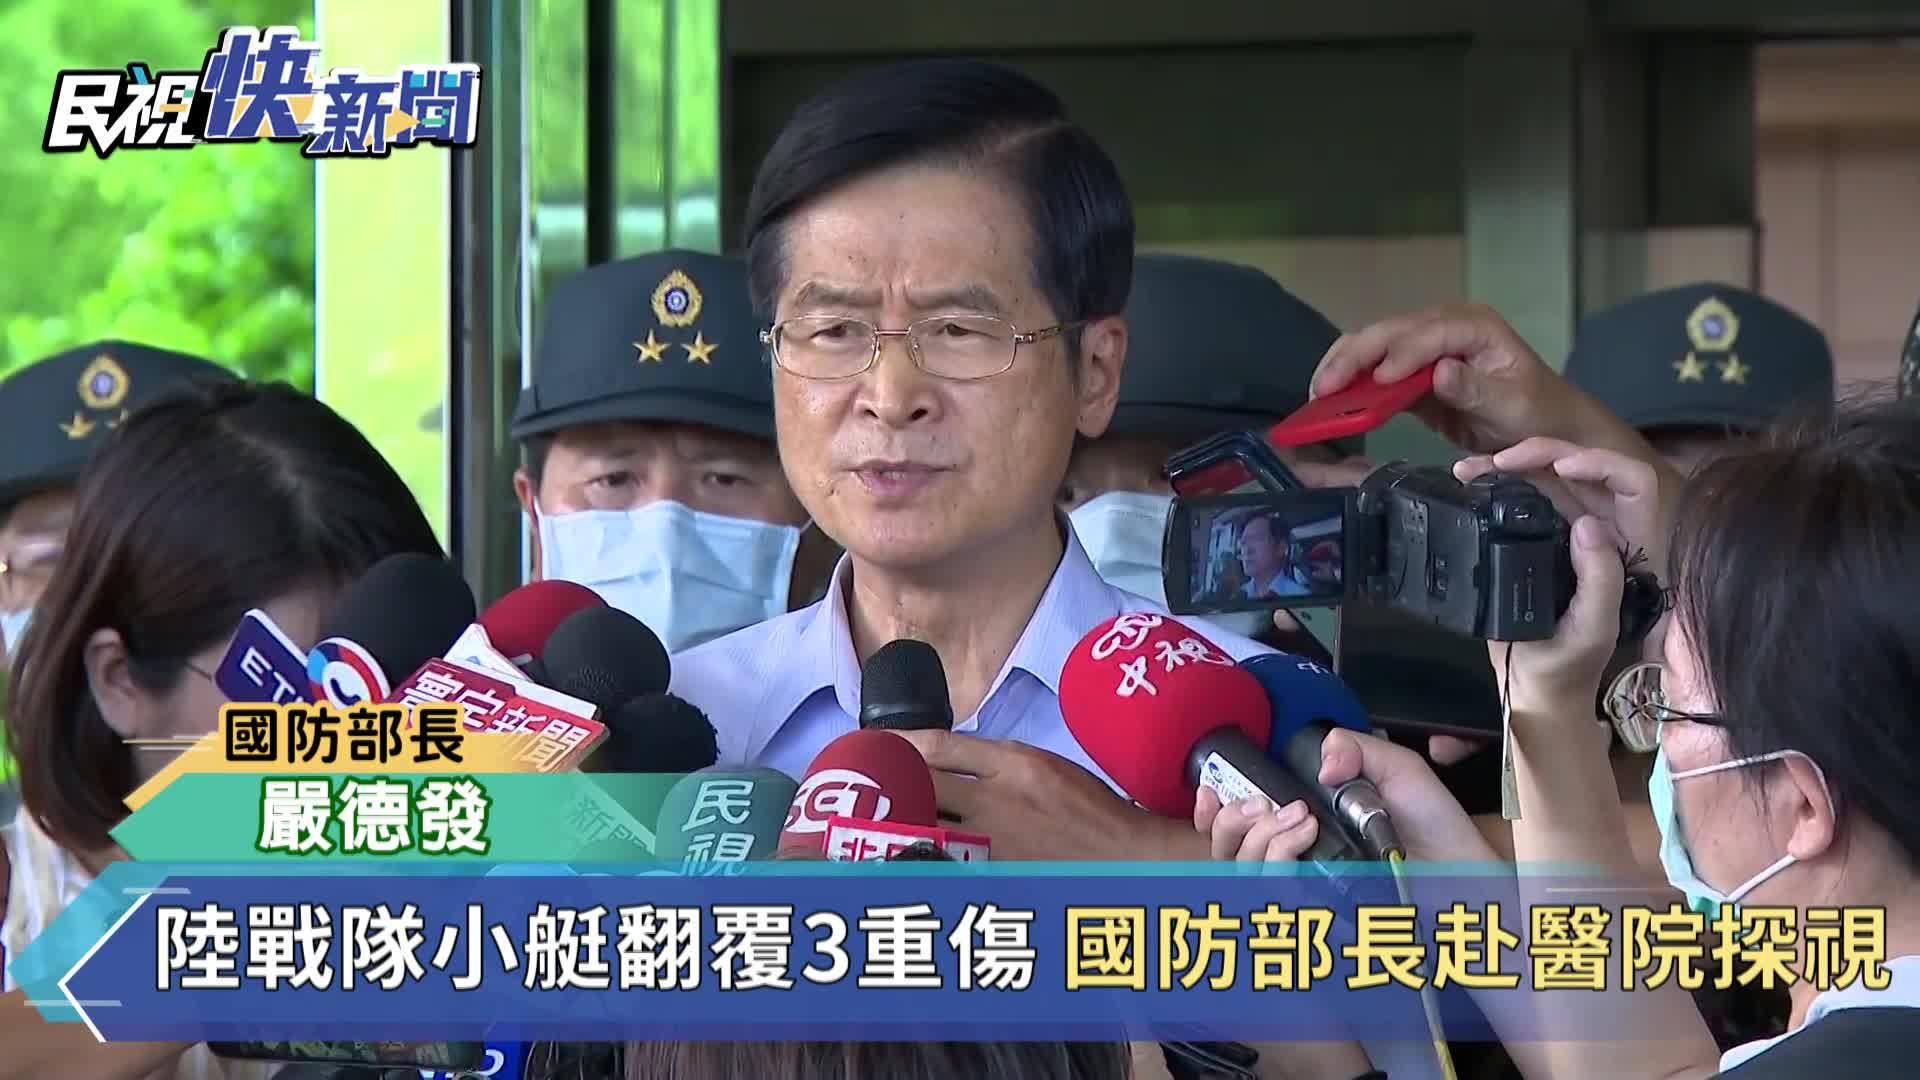 快新聞/海軍陸戰隊操演膠舟翻覆3人裝葉克膜 嚴德發探視官兵指示全力搶救